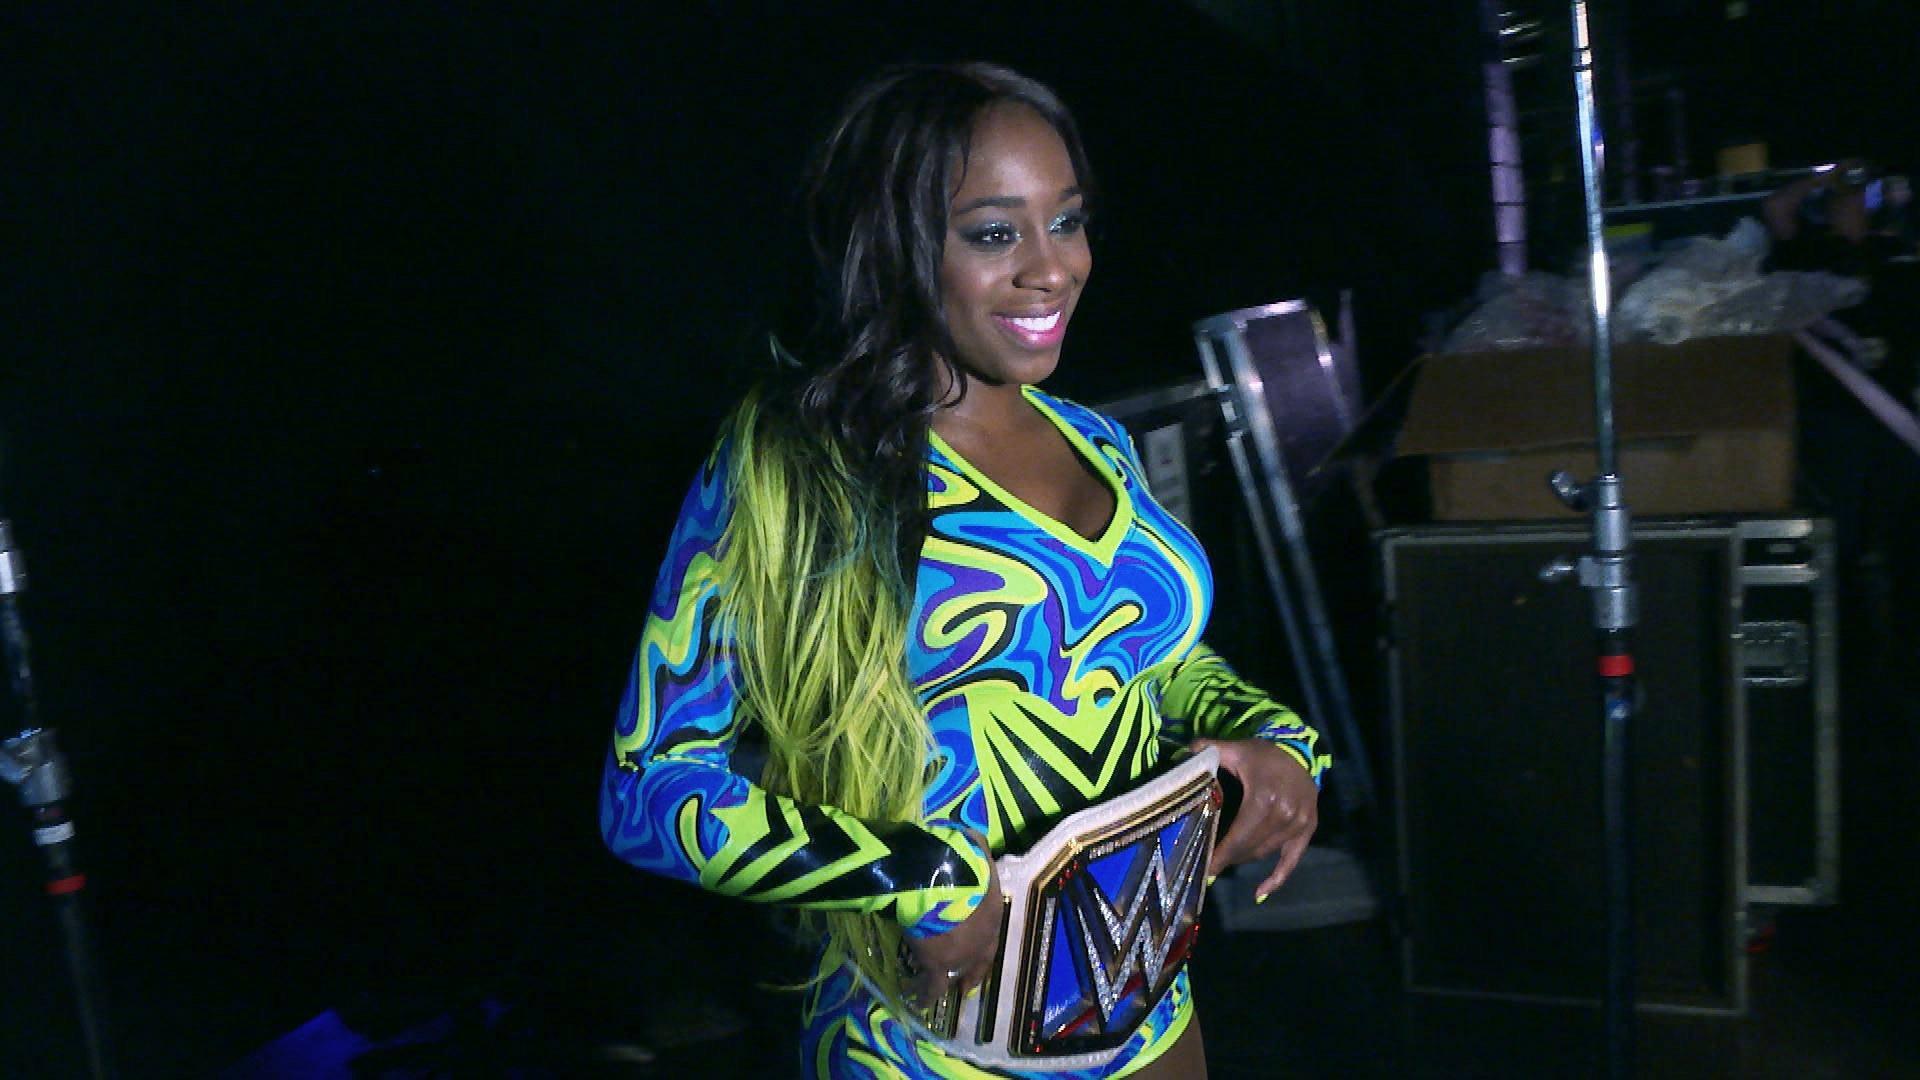 Nowa Mistrzyni Kobiet SmackDown Naomi świętuje swoje zwycięstwo: WWE.com Exclusive 12.02.17